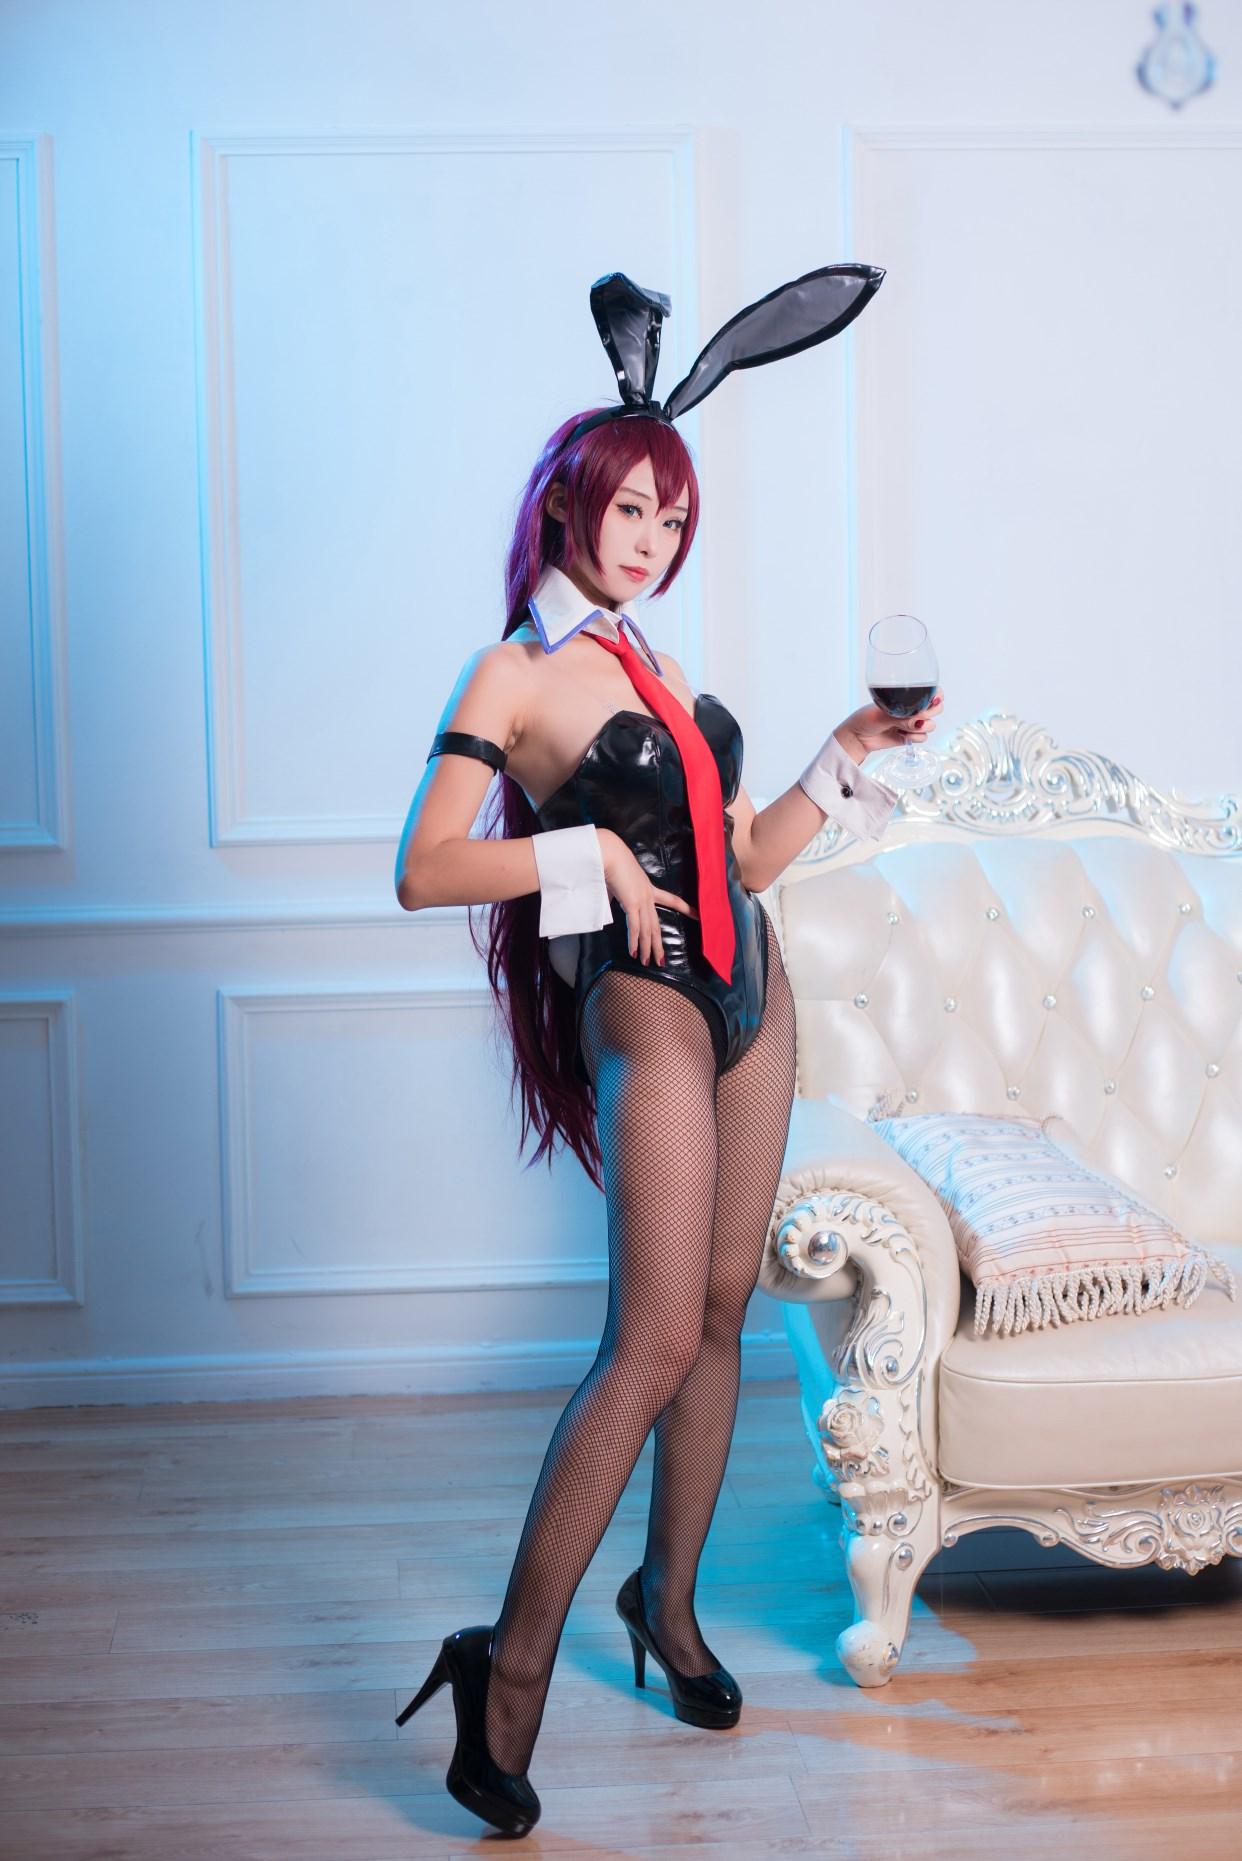 【兔玩映画】兔女郎vol.23-助手 兔玩映画 第38张